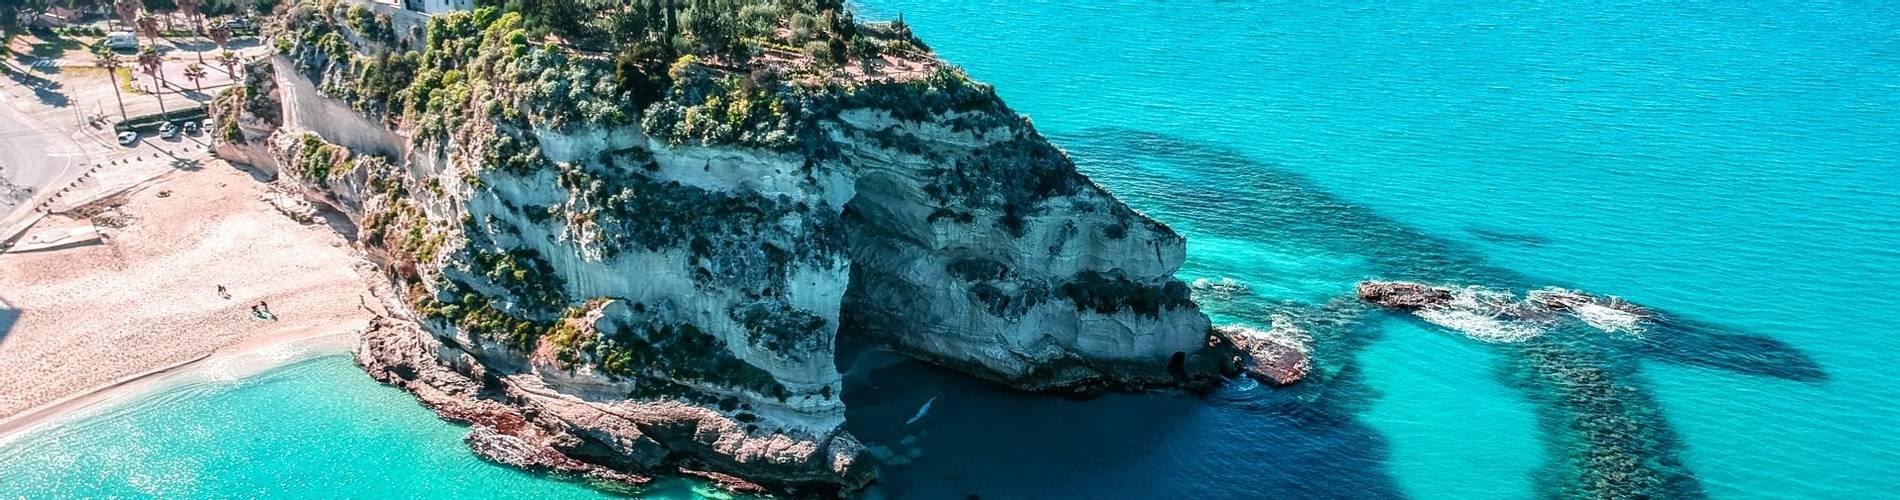 Calabria Tropea beach.jpg